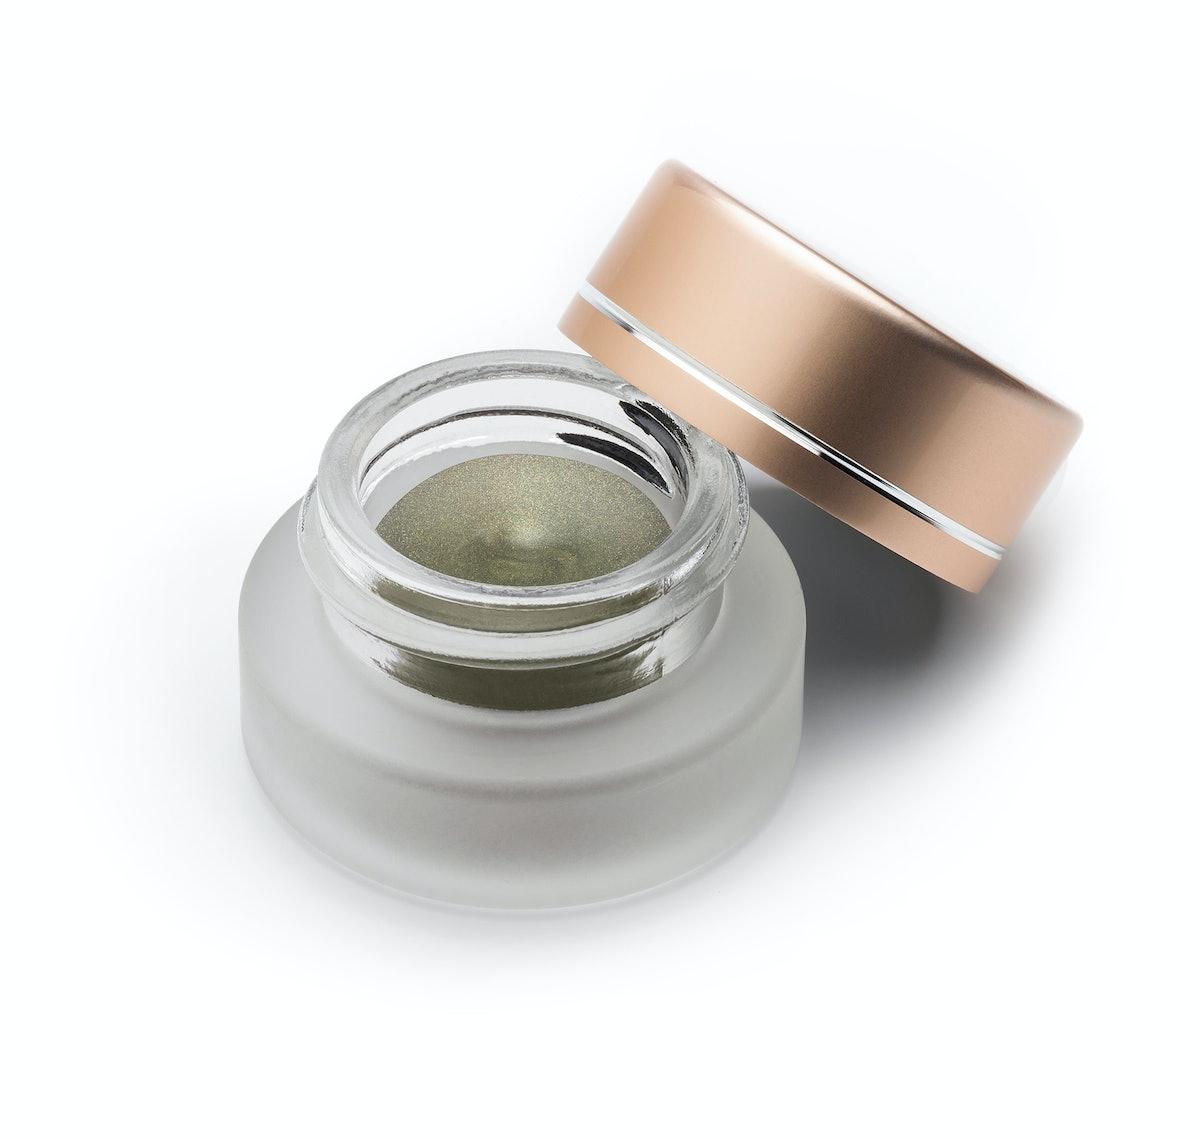 Jane Iredale Jelly Jar Eyeliner in Green